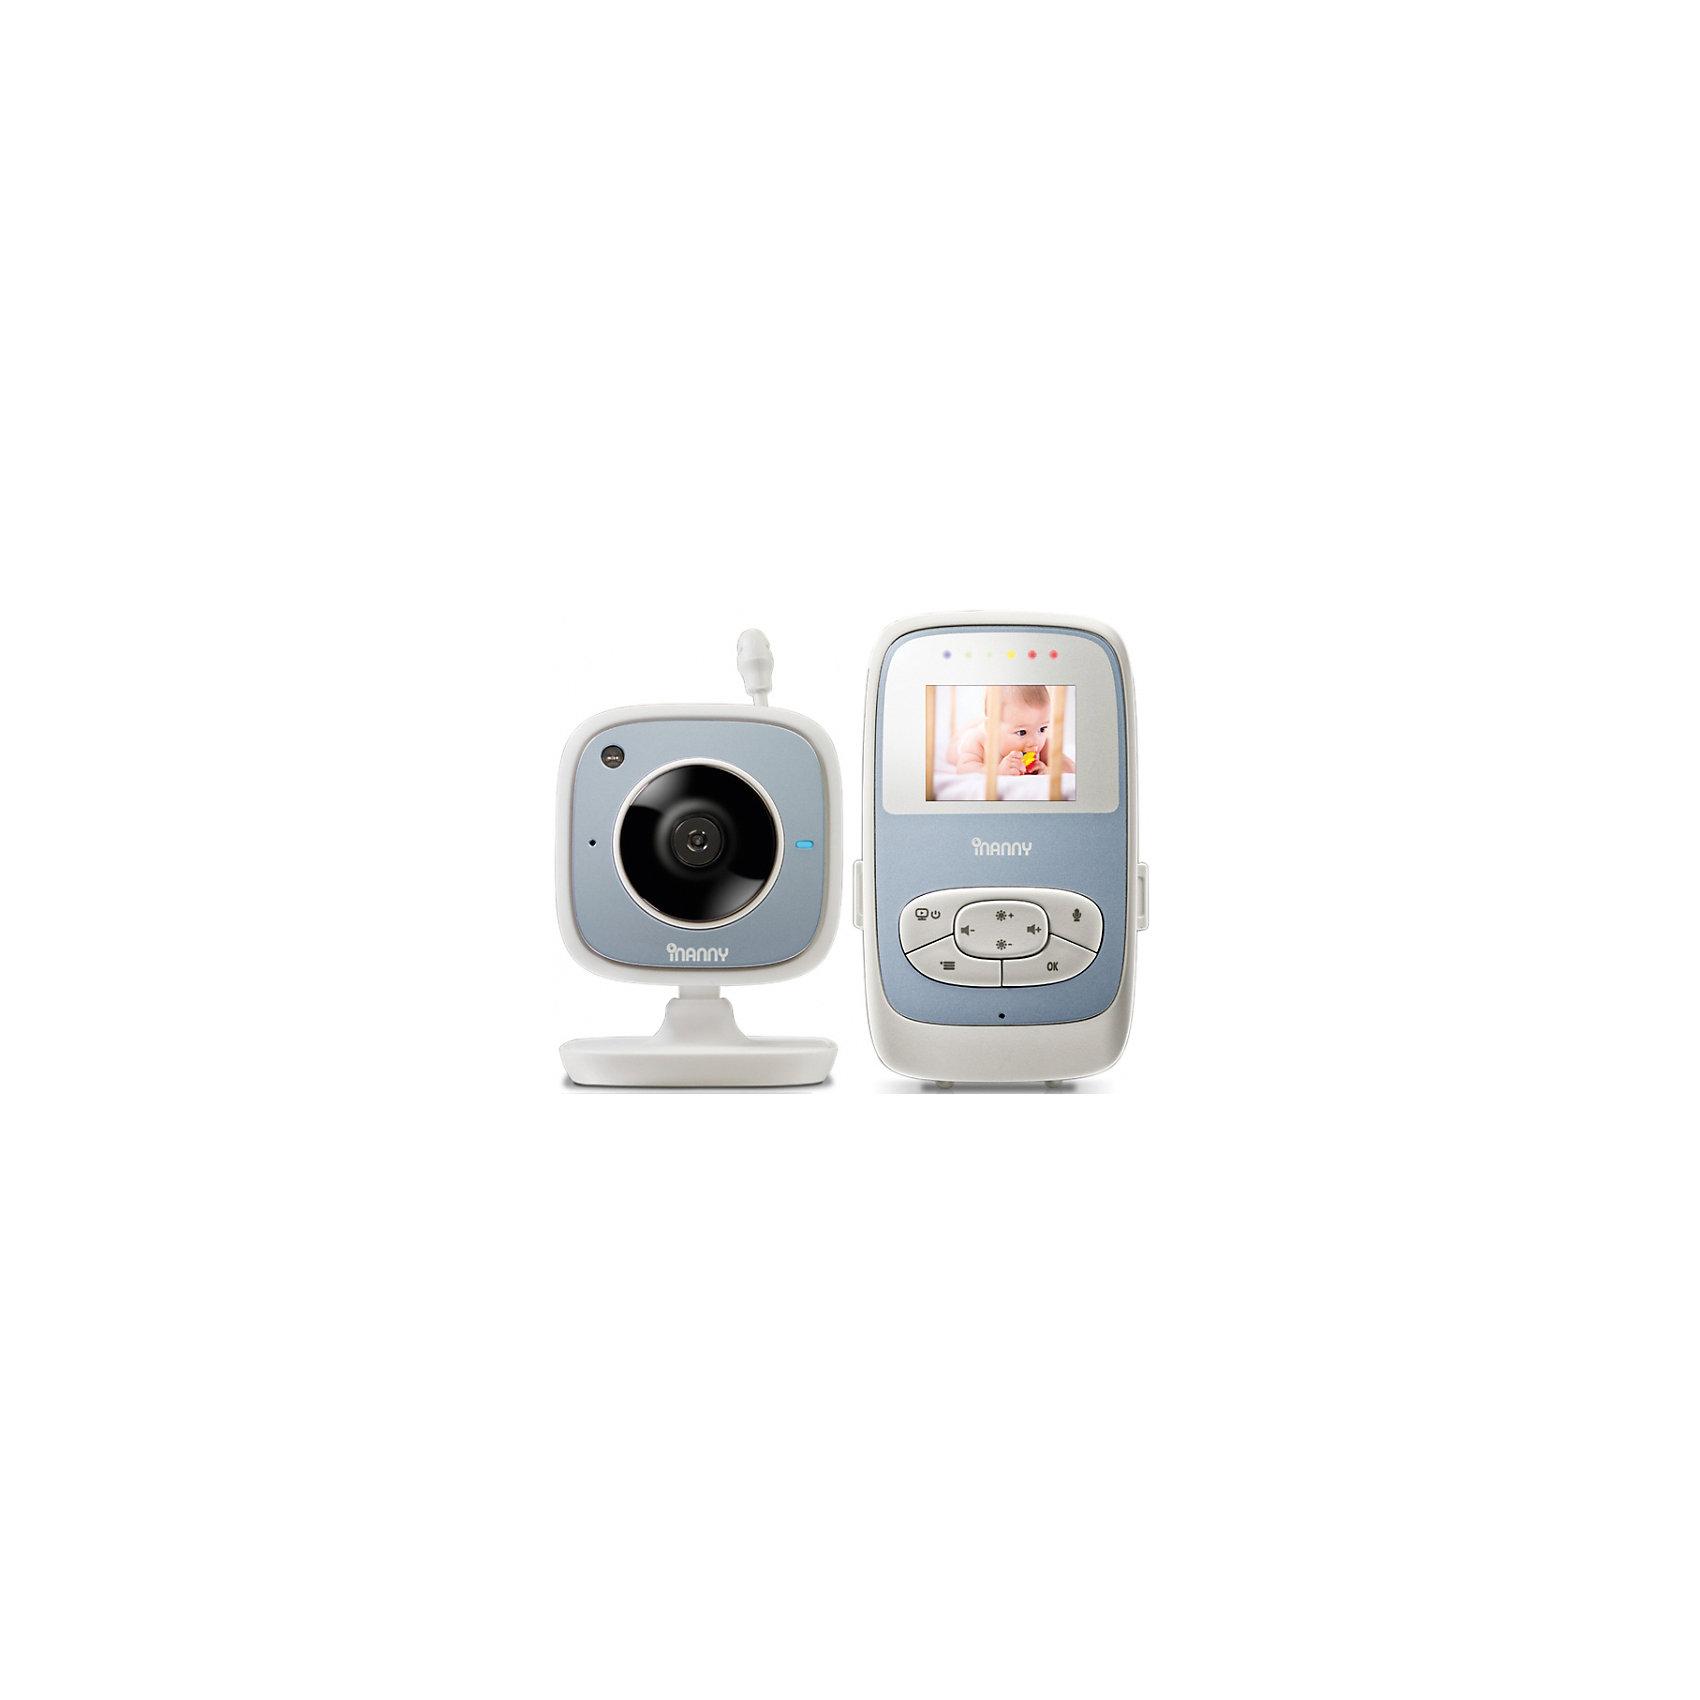 Видеоняня с LCD дисплеем 1.8, iNanny, цифроваяДетская бытовая техника<br>Цифровая видеоняня iNanny с жидкокристаллическим дисплеем позволит вам наблюдать за малышом даже когда он играет в другой комнате. Видеоняня оснащена возможность двухсторонней связи с ребенком, пятью колыбельными, ночным режимом. Есть возможность подключения четырех камер. Эта видеоняня позволит вам не беспокоиться о состоянии малыша.<br>Особенности:<br>-радиус действия 250 метров<br>-высокое качество изображения<br>-световой индикатор уровня шума<br>-LCD дисплей 1,8<br><br>Дополнительная информация:<br>Материал: пластик<br>Размер:22х11,5х6,5 см<br>Вес: 521 грамм<br>Цифровую видеоняню iNanny можно приобрести в нашем интернет-магазине.<br><br>Ширина мм: 65<br>Глубина мм: 115<br>Высота мм: 220<br>Вес г: 521<br>Возраст от месяцев: 0<br>Возраст до месяцев: 24<br>Пол: Унисекс<br>Возраст: Детский<br>SKU: 4794366